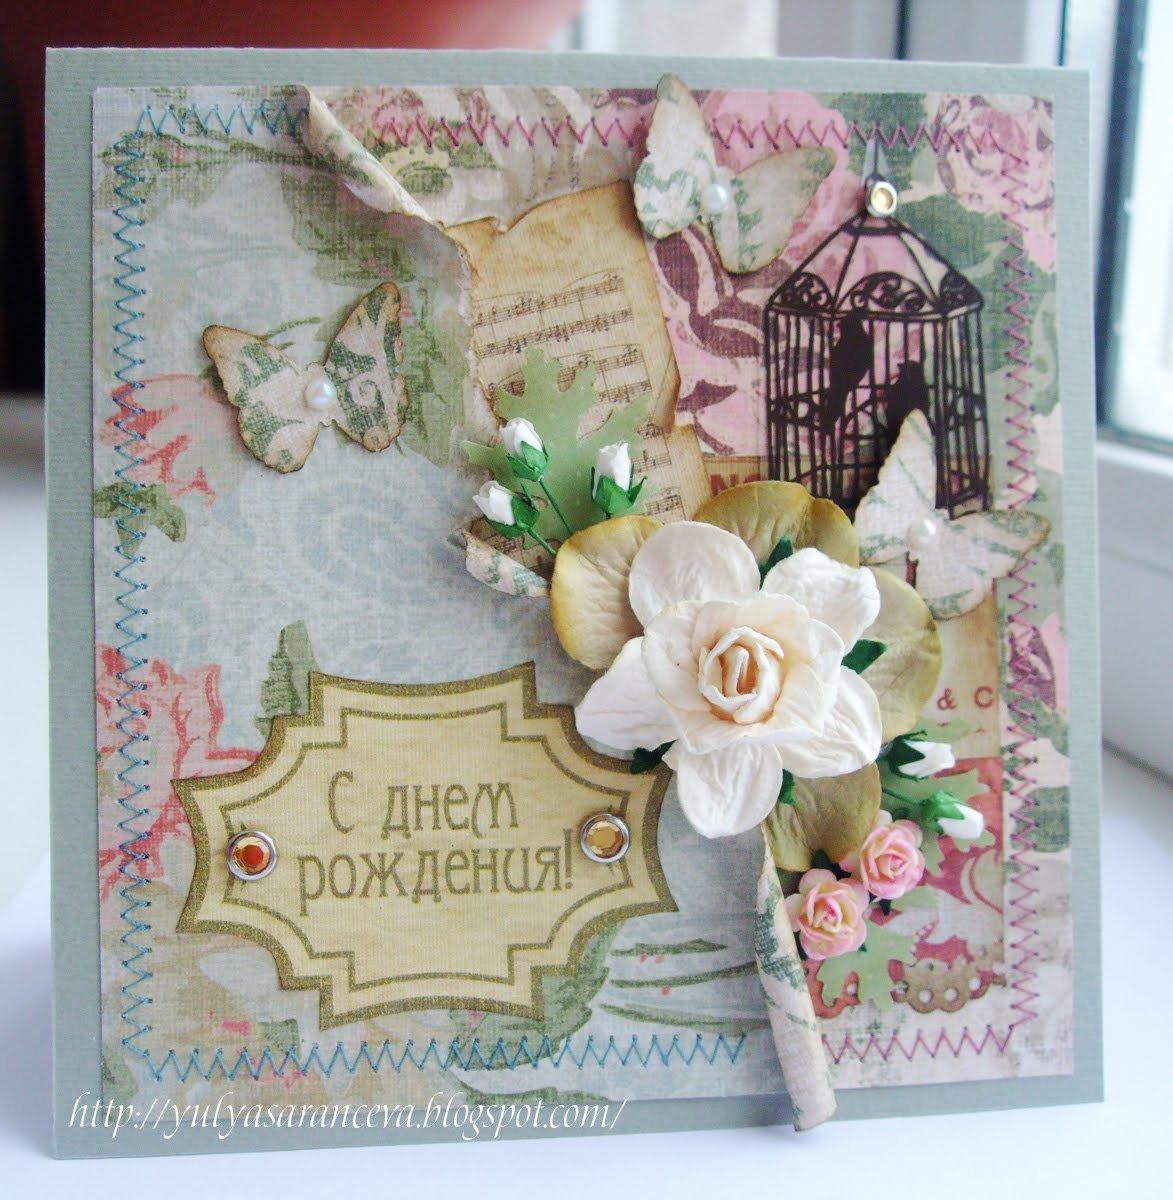 Скрапбукинг открытки с днем рождения для девушки, добрый день